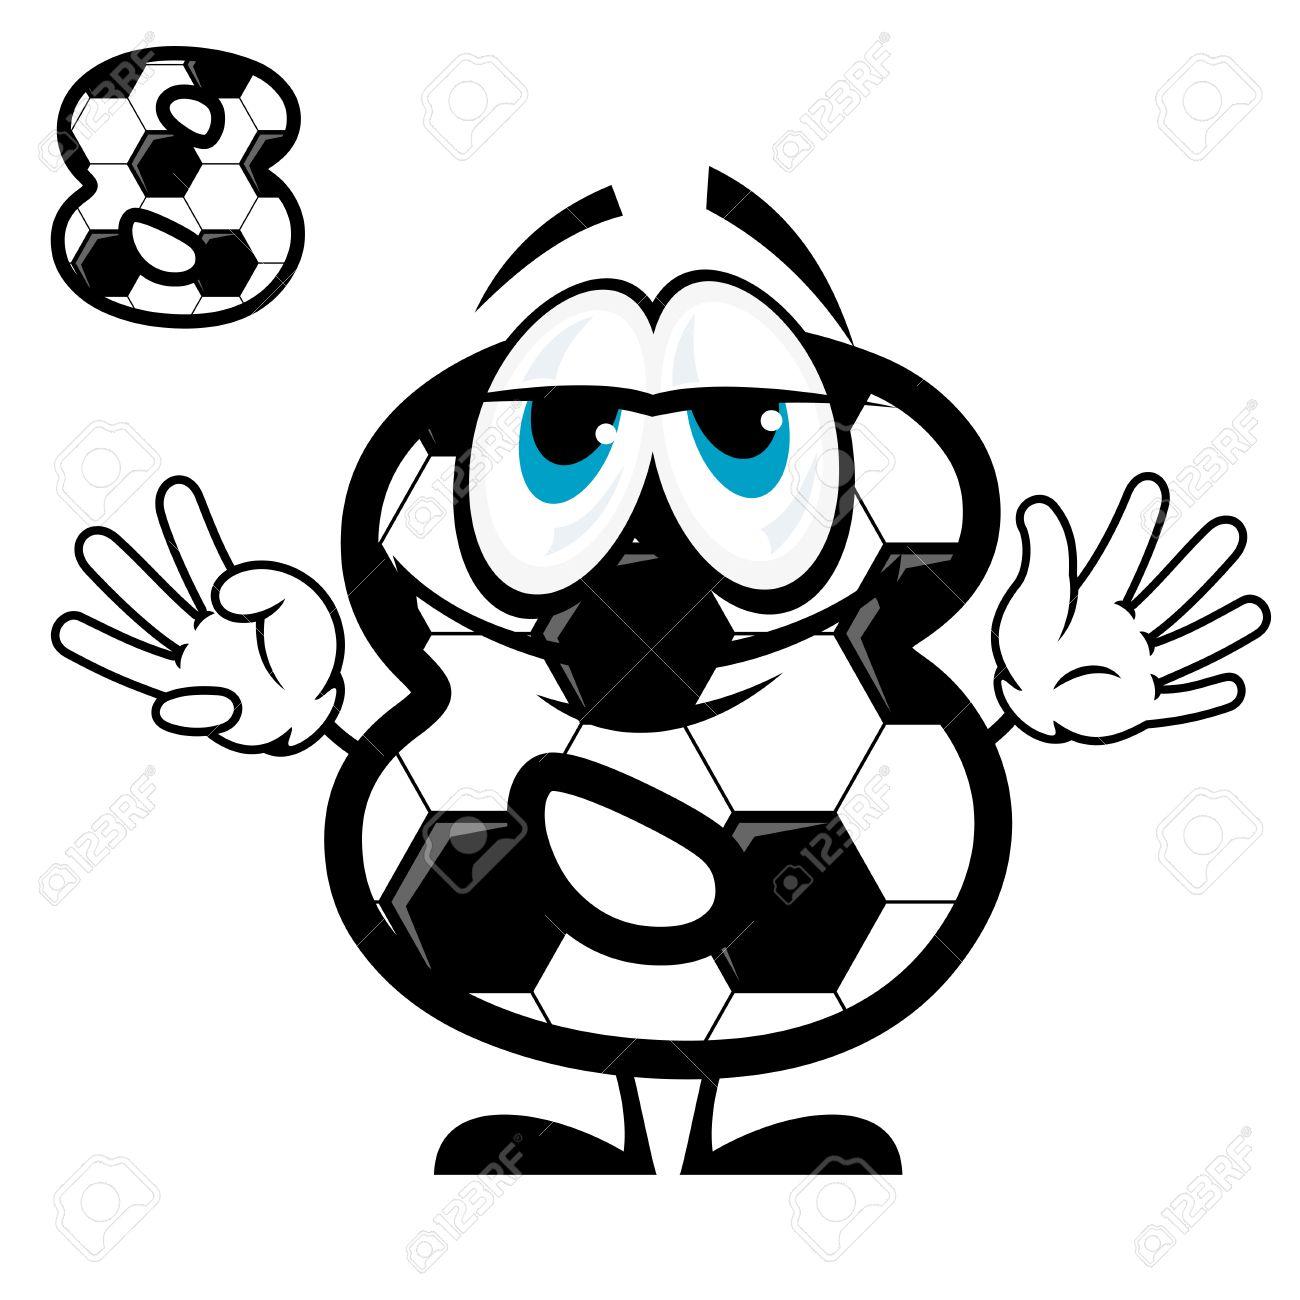 Nette Karikatur Nummer Acht Zeichen Färbung Wie Fußball Oder Fußball ...